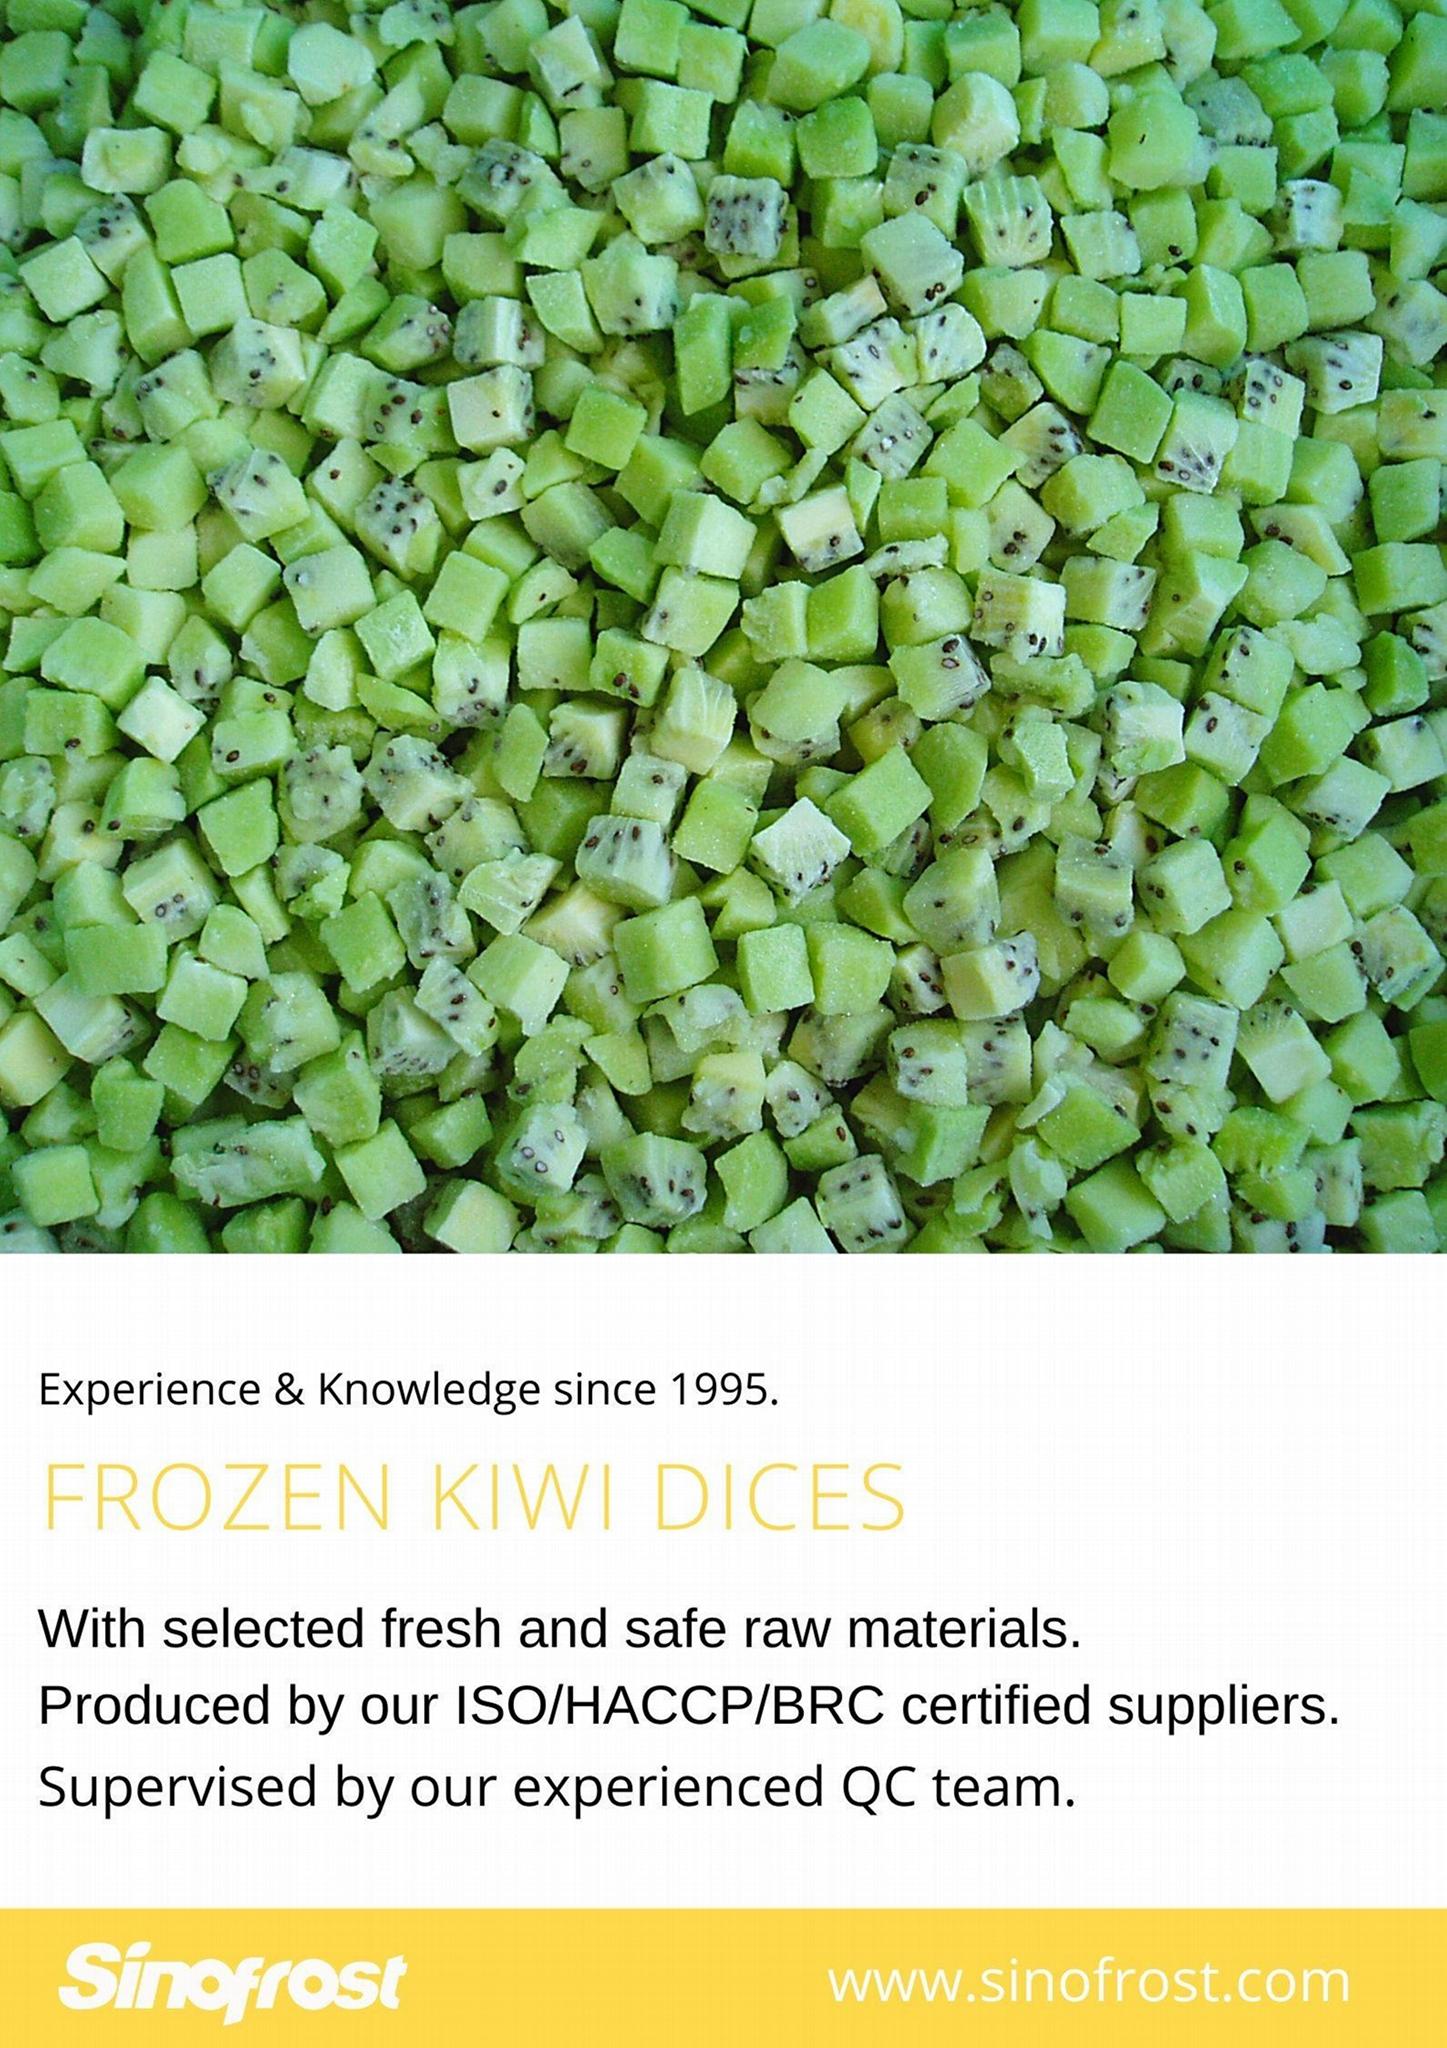 IQF Sliced Kiwi ,Frozen Sliced Kiwi,IQF Kiwi Slices,Frozen Kiwi Slices 13